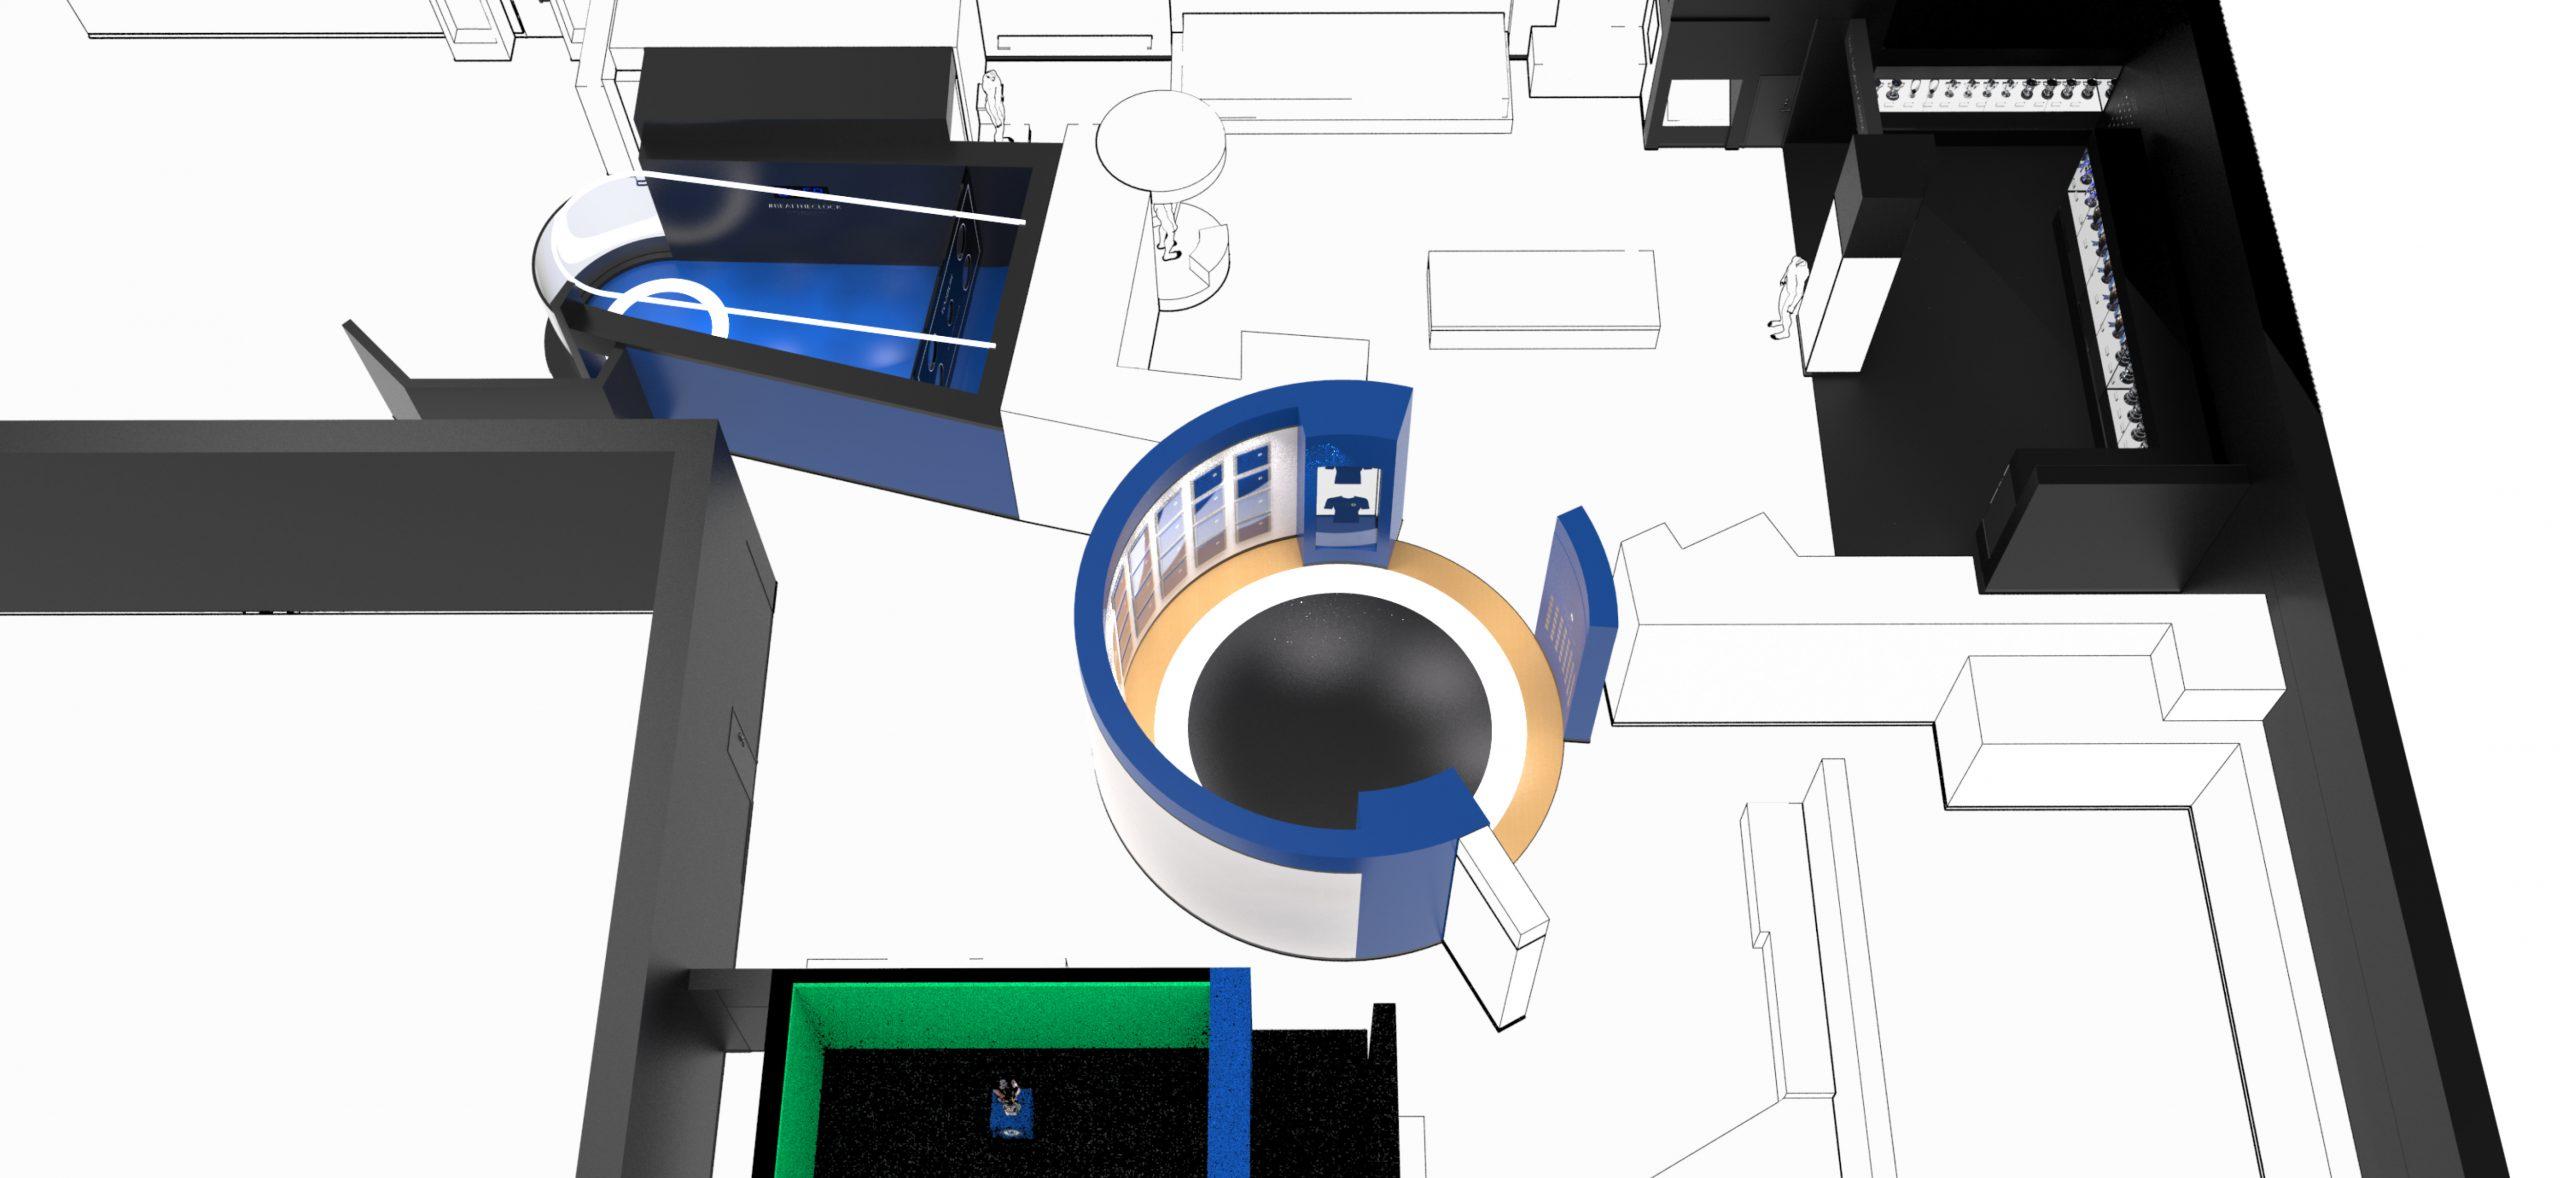 Chelsea FC Spatial Museum render